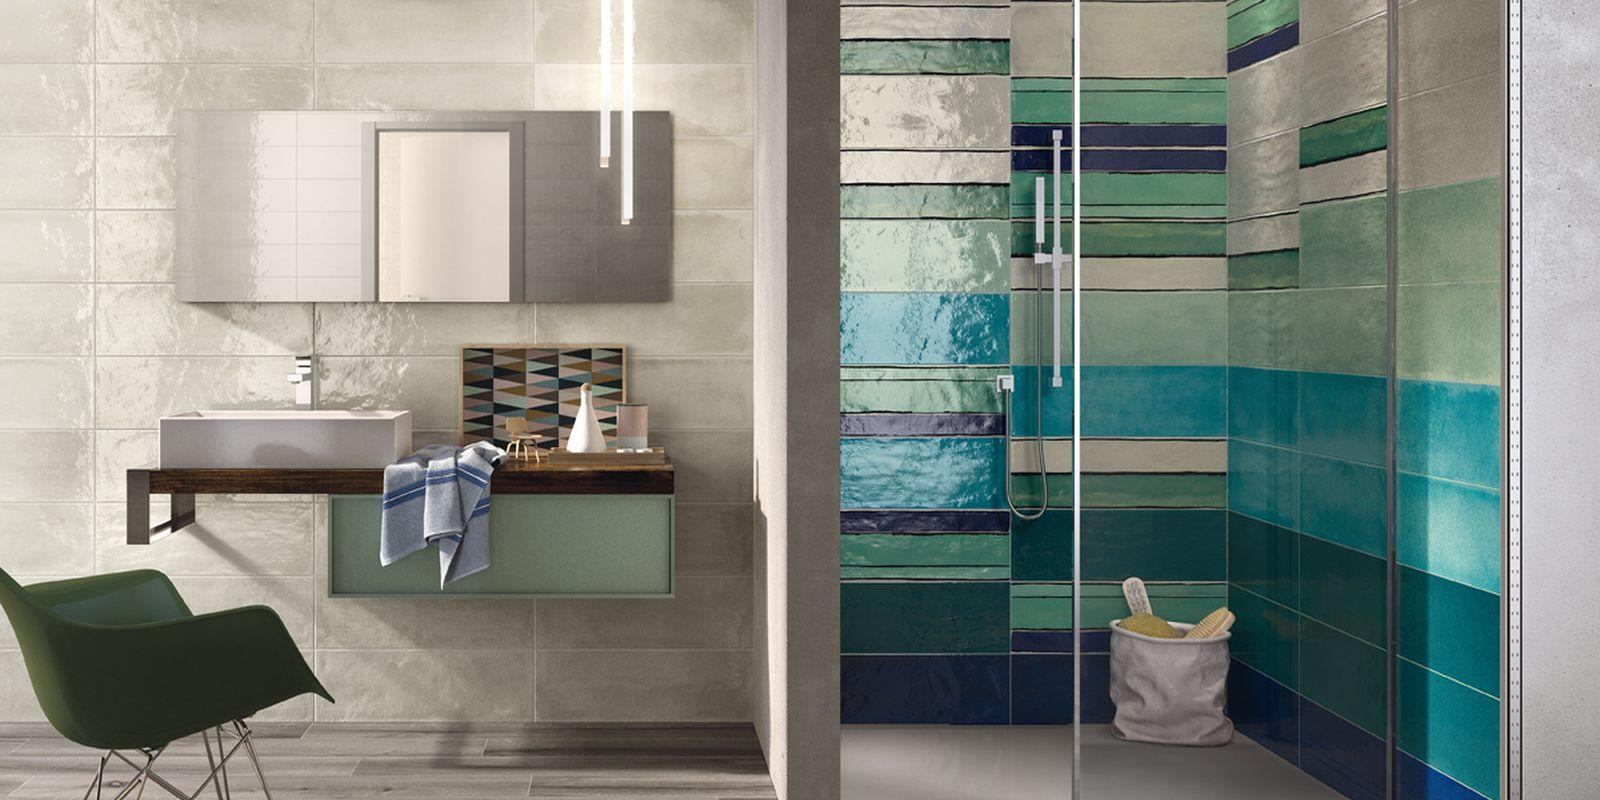 Shades cooperativa ceramiche d 39 imola rivestimenti gres - Ceramiche bagno moderno ...